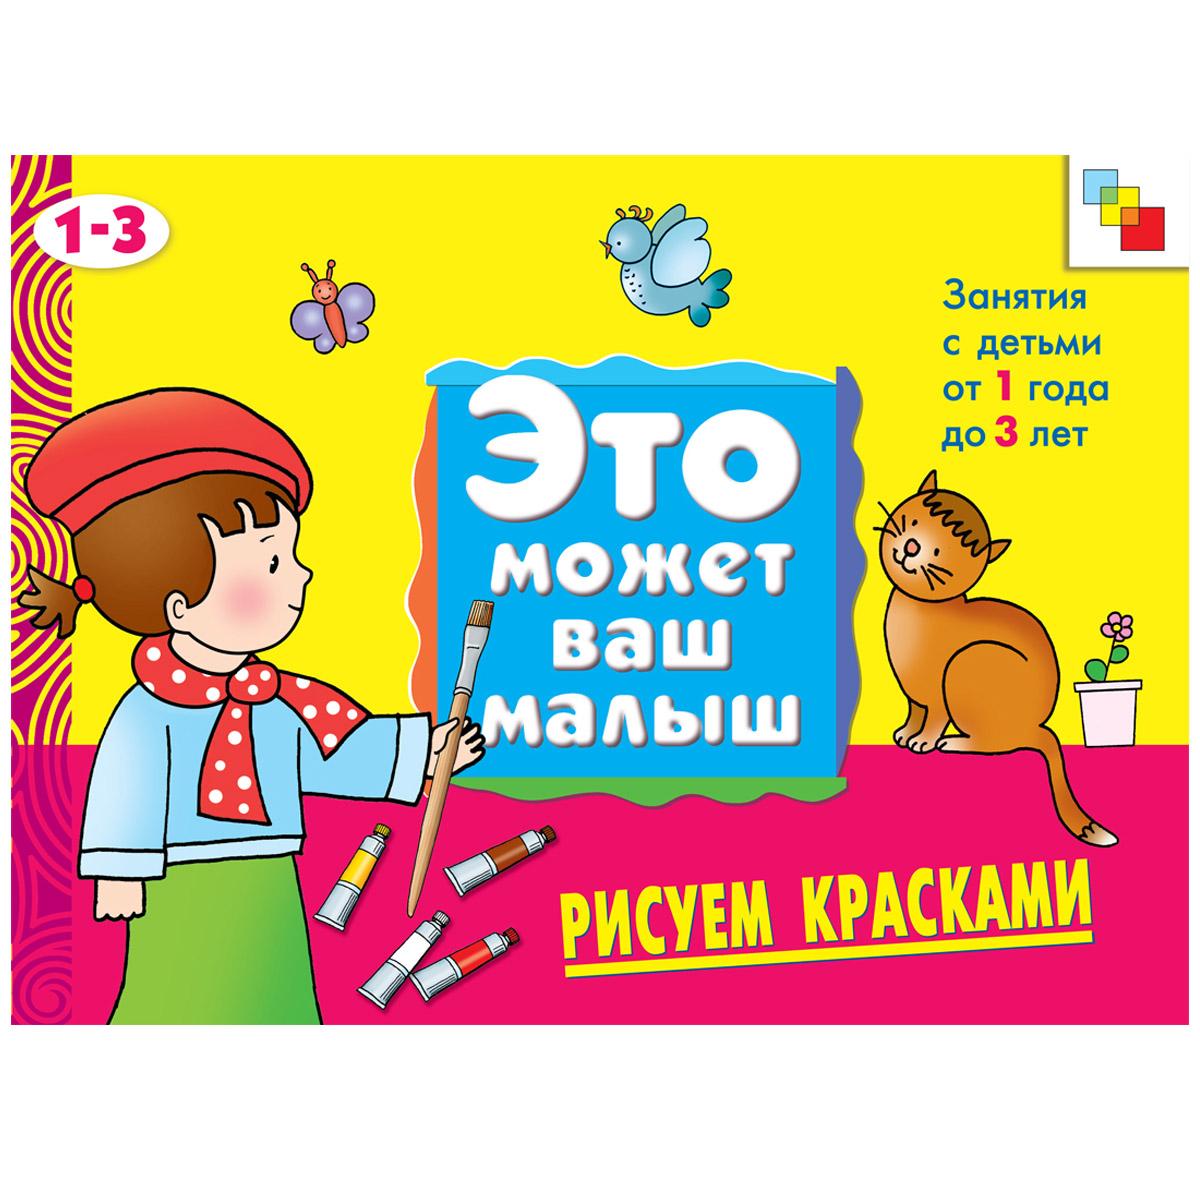 Художественный альбом для занятий с детьми 1-3 лет. Это может ваш малыш Рисуем красками<br>